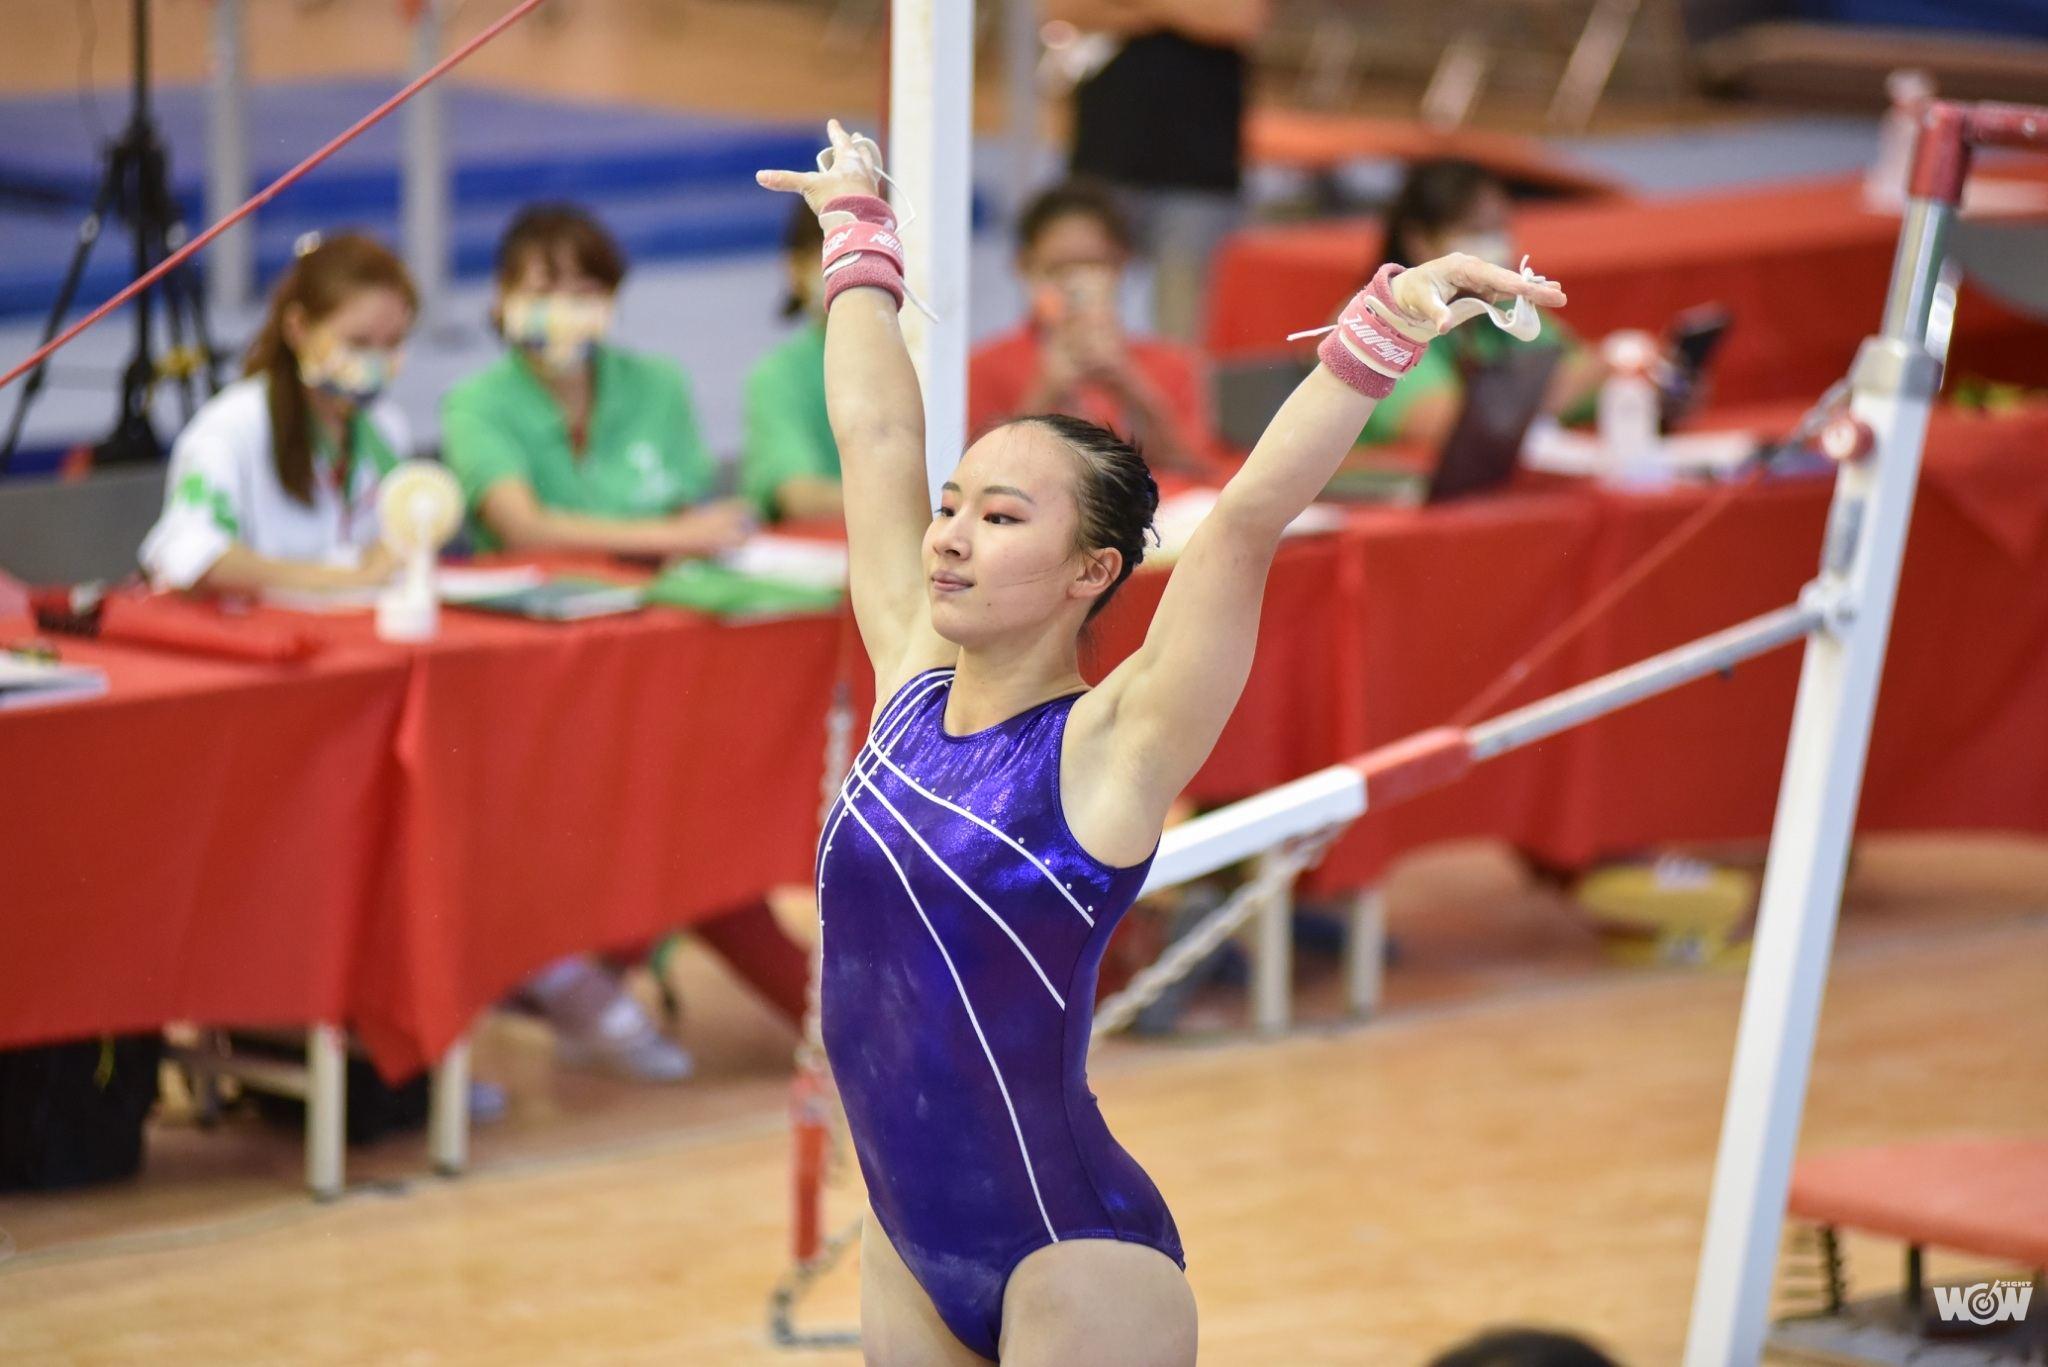 《全運》丁華恬神級表現 新北市女子體操重返榮耀